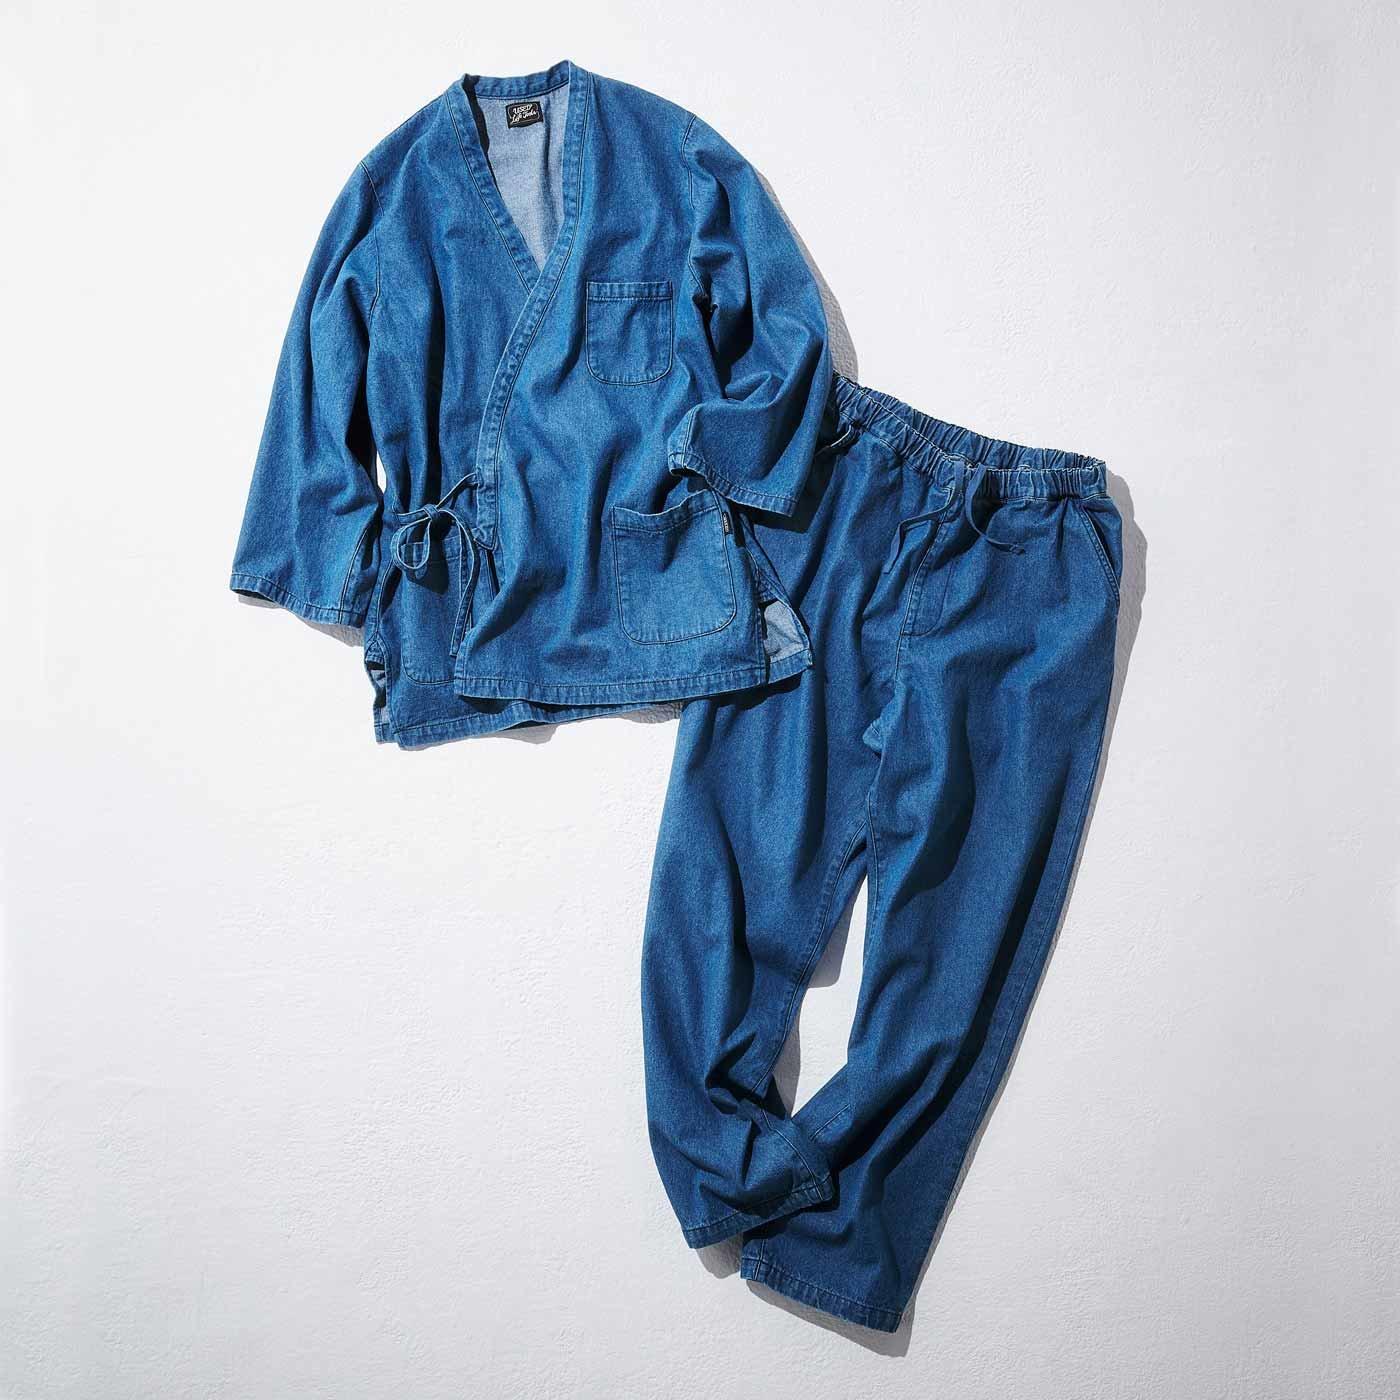 古着屋さんで見つけたような デニムの作務衣〈ライトブルー〉